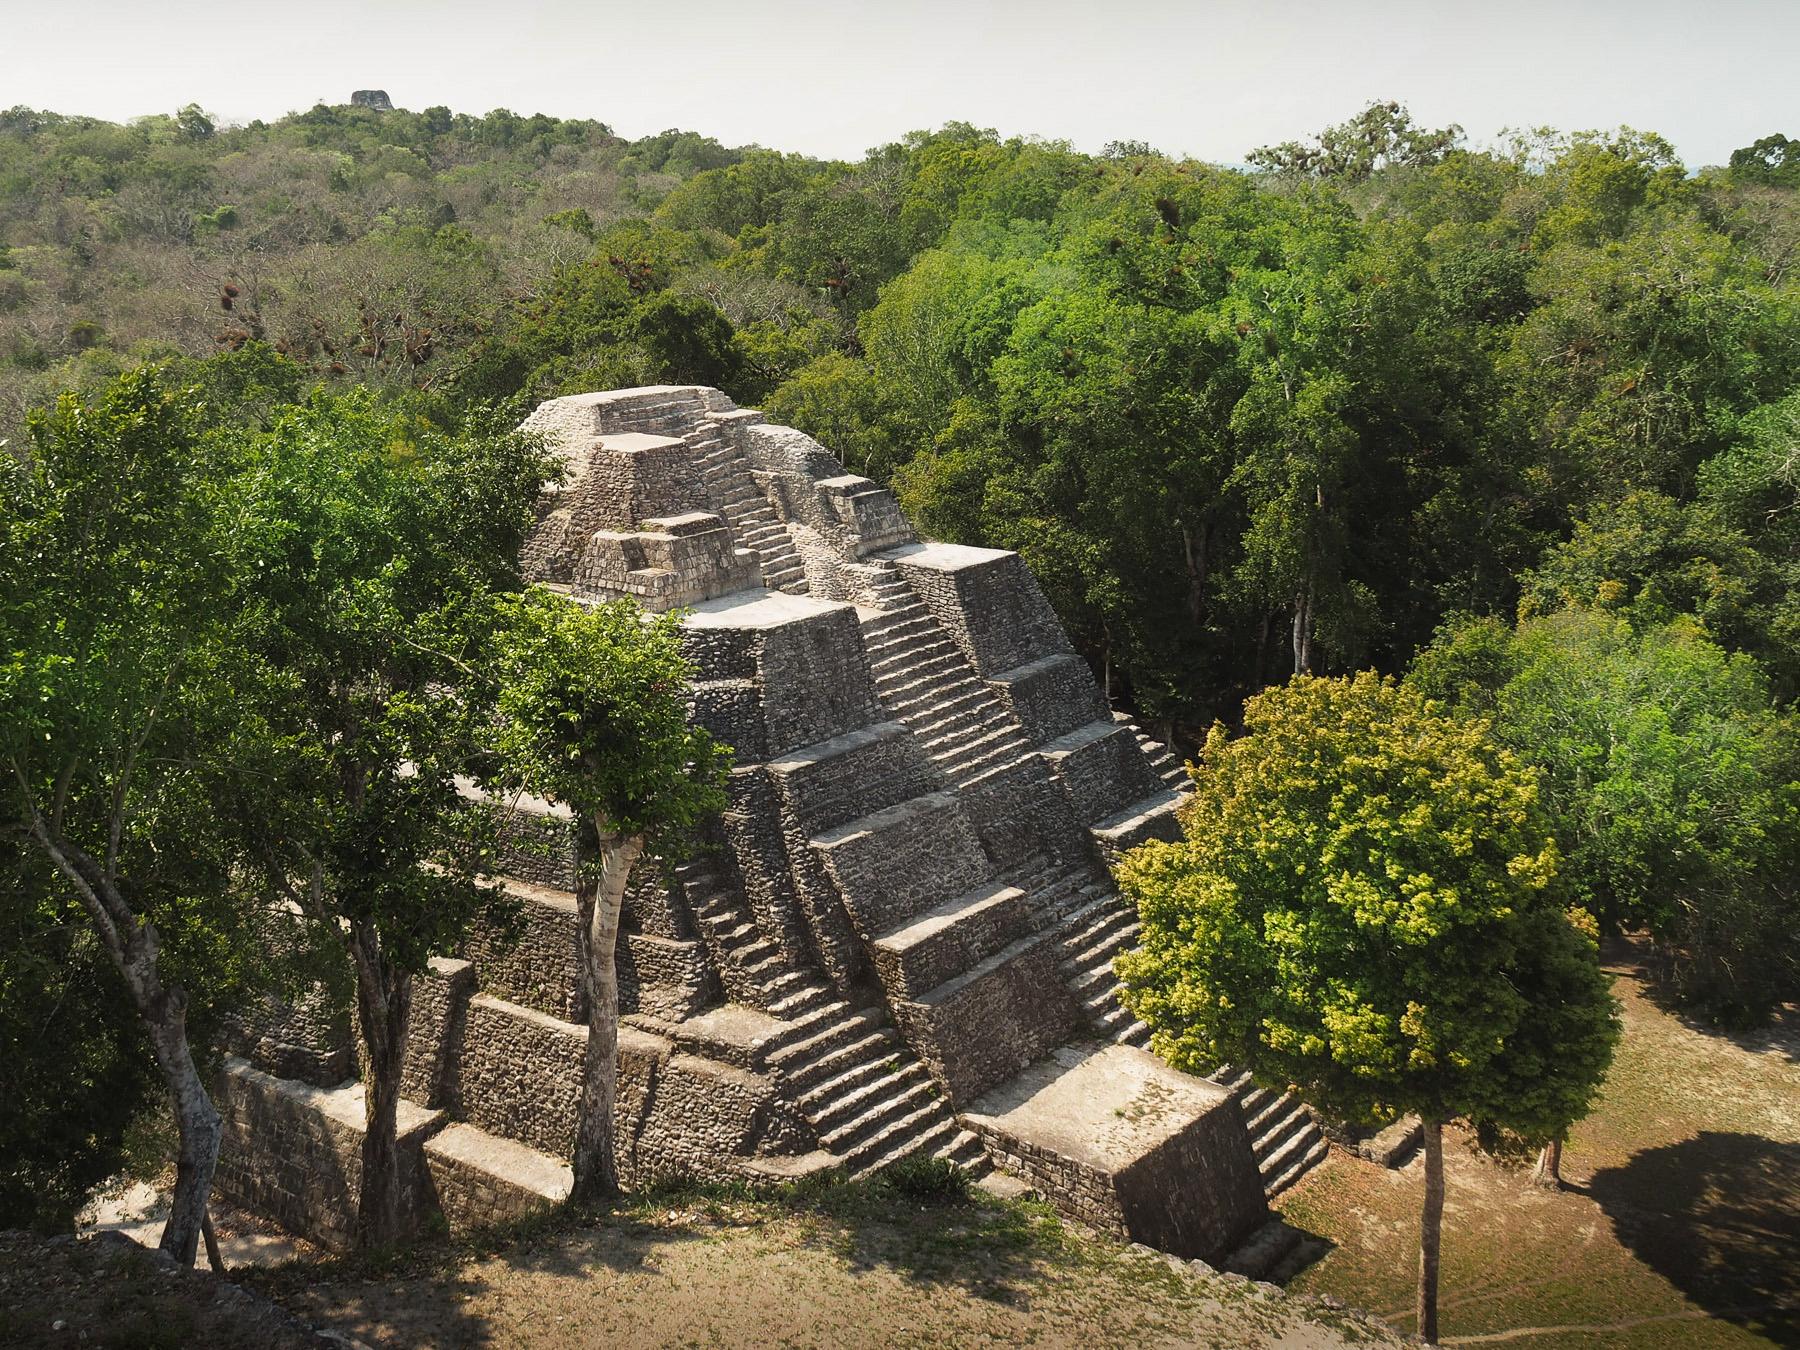 Die Maya-Ruinen Yaxha mitten im Dschungel